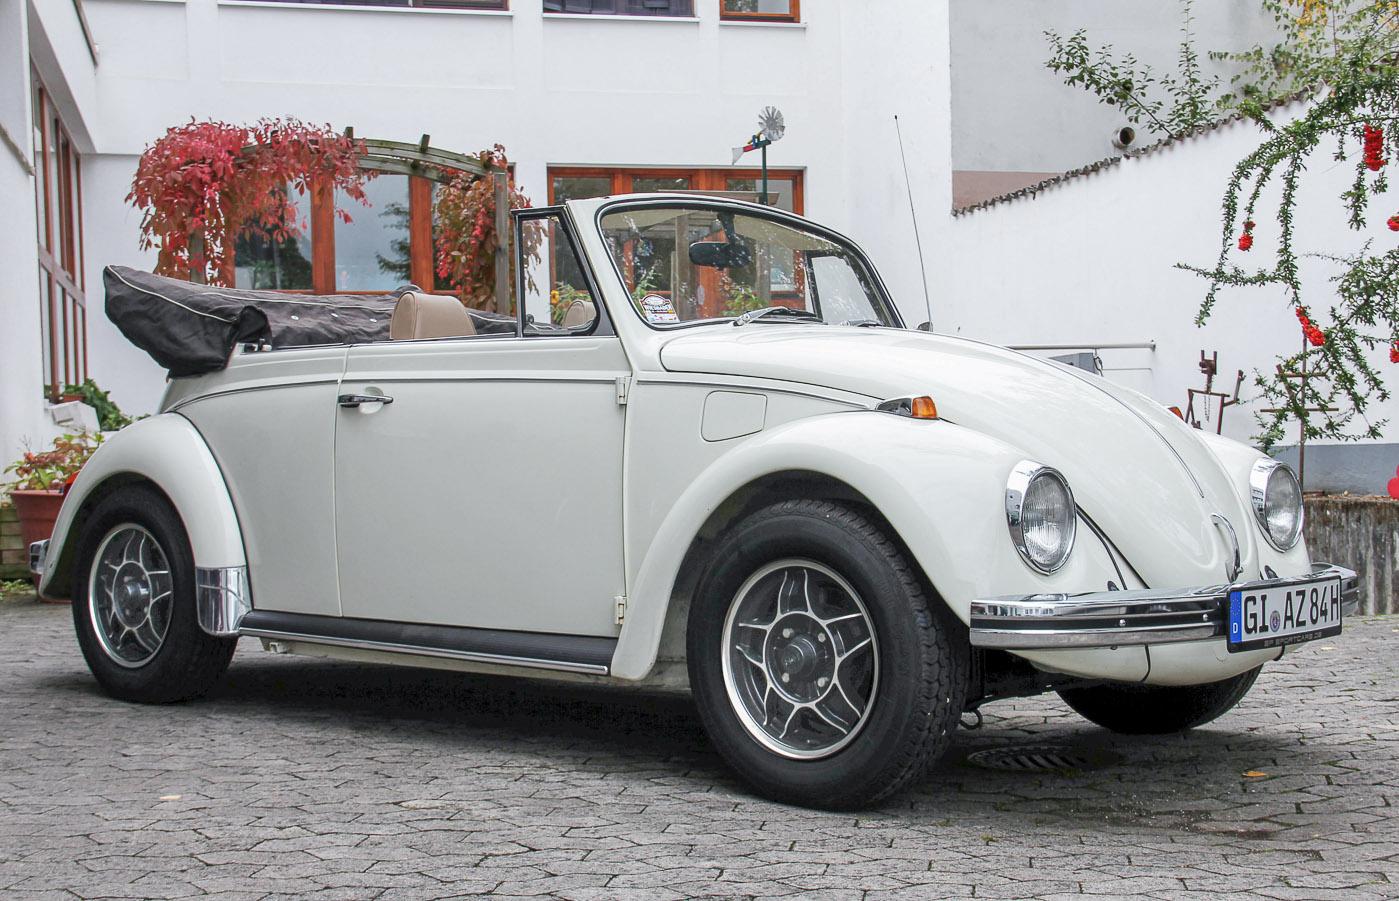 2. Preis: VW Käfer 1500 Cabriolet